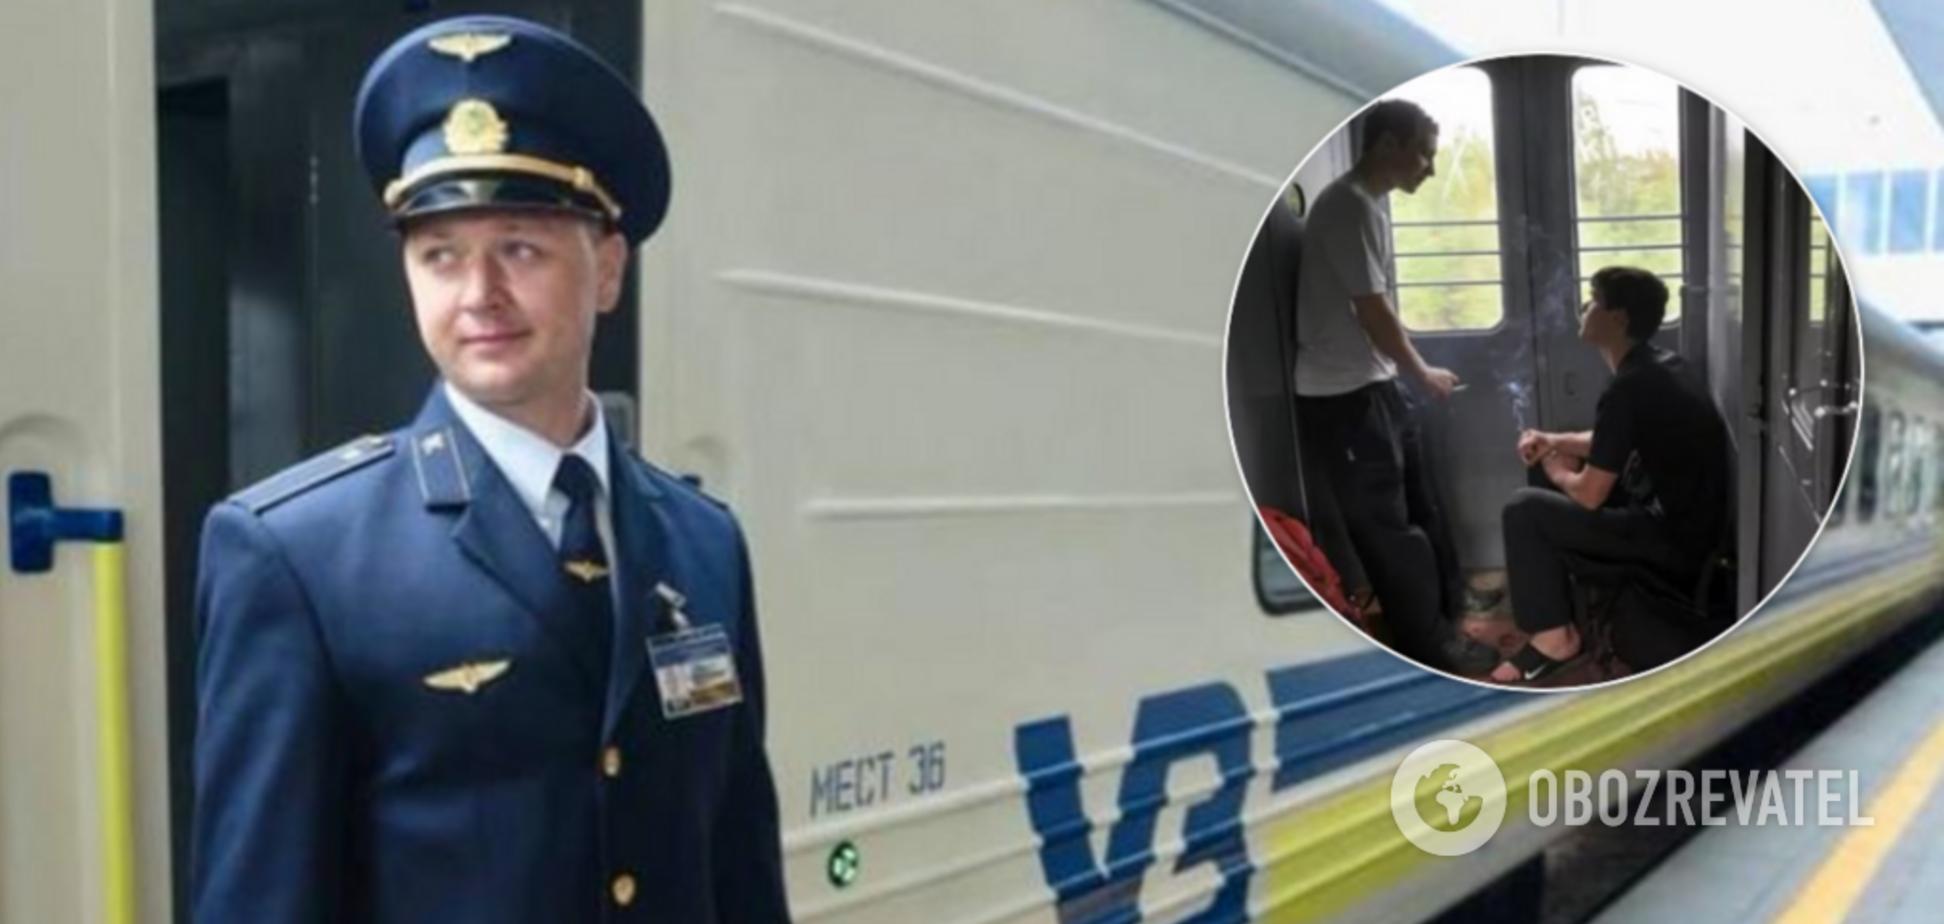 Пассажиры 'отомстили' проводнику 'Укрзалізниці' за замечание